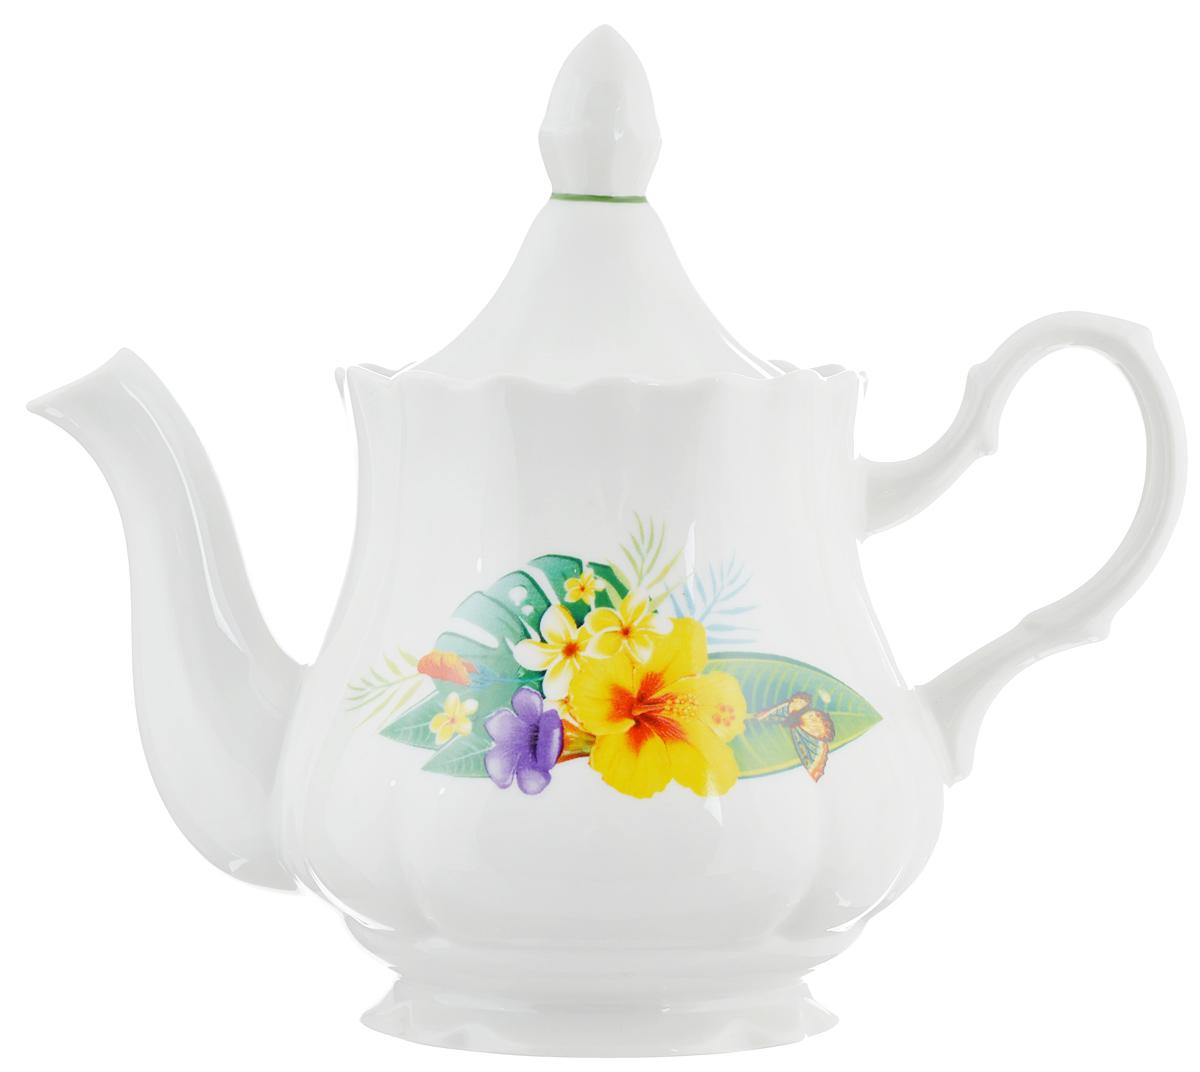 Чайник заварочный Романс. Райский остров, 800 мл1303780Заварочный чайник Романс. Райский остров выполнен из высококачественного фарфора и покрыт сверкающей глазурью. Изделие оформлено ярким цветочным рисунком и оснащено крышкой. Заварочный чайник Романс. Райский остров придется по вкусу и ценителям классики, и тем, кто предпочитает утонченность и изысканность. Диаметр (по верхнему краю): 10 см. Высота чайника (без учета крышки): 12,5 см.